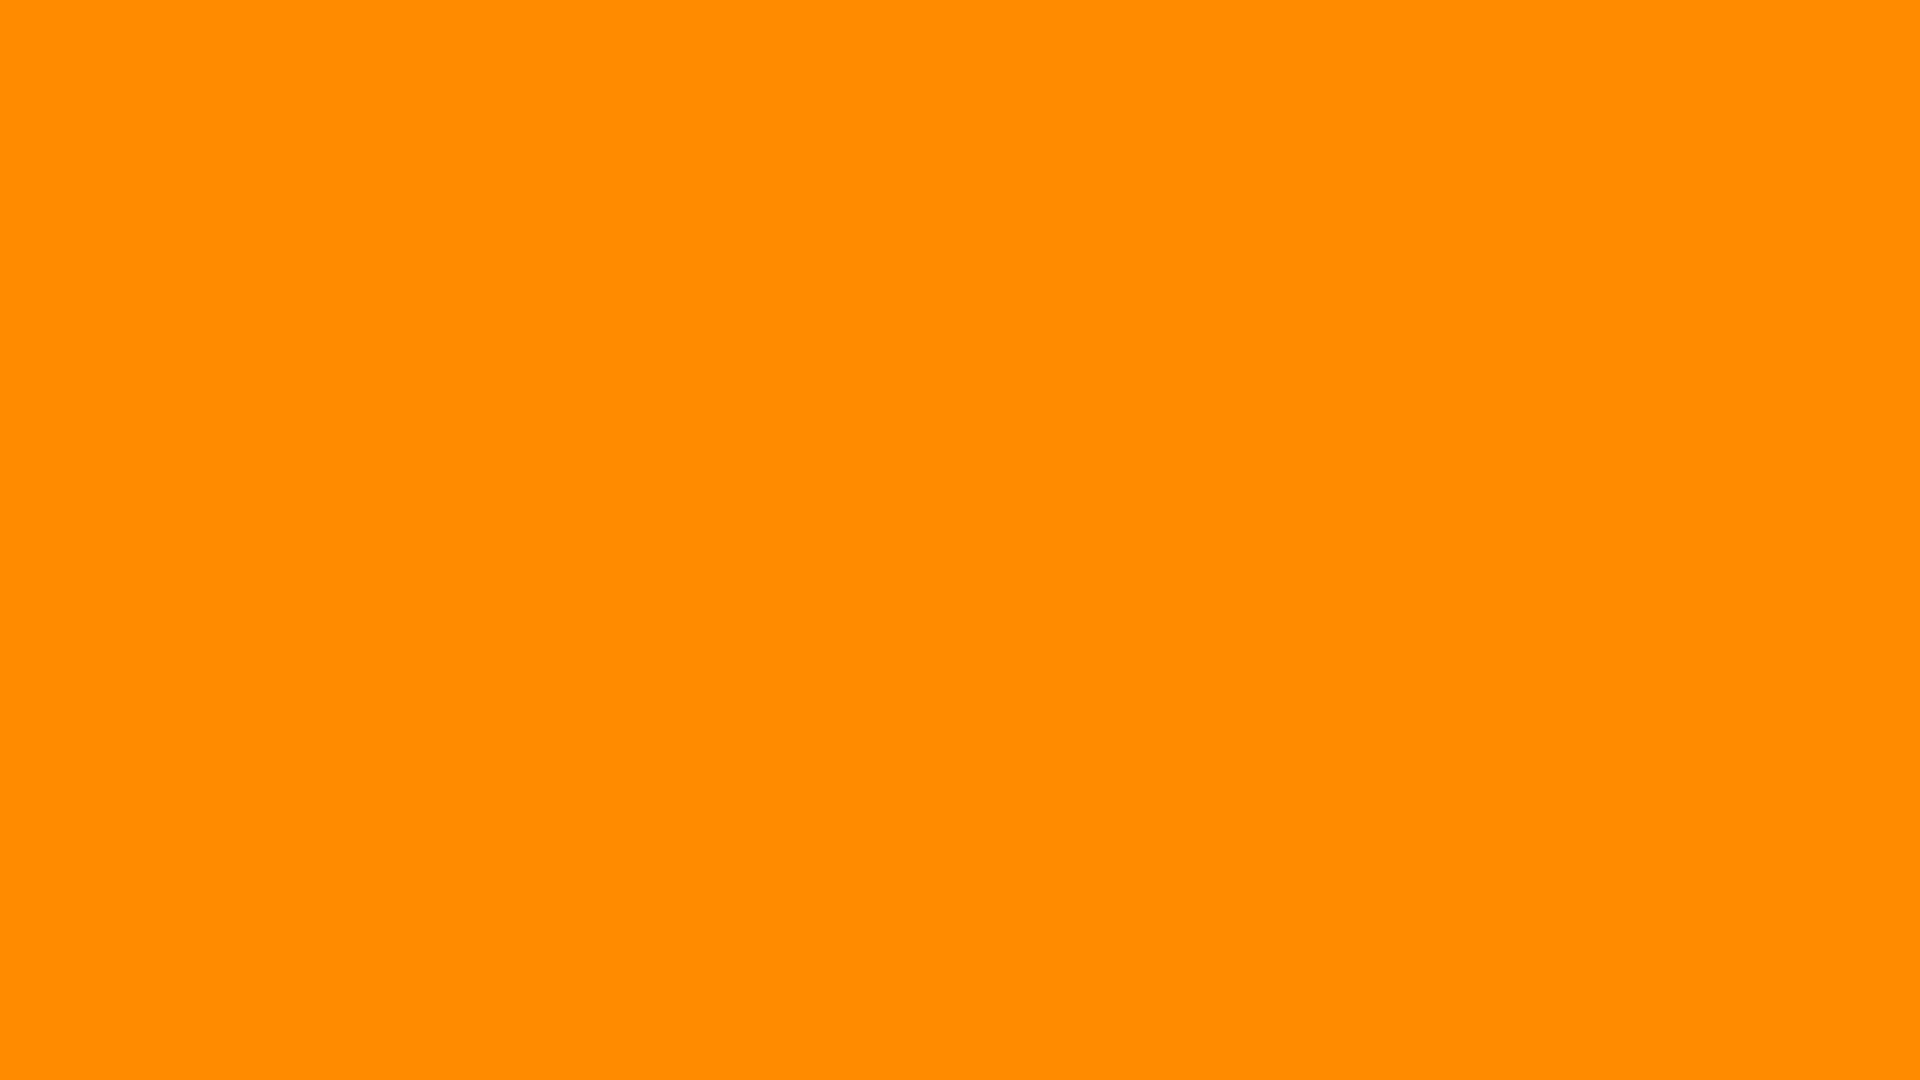 Solid orange wallpaper wallpapersafari - Dark orange wallpaper ...